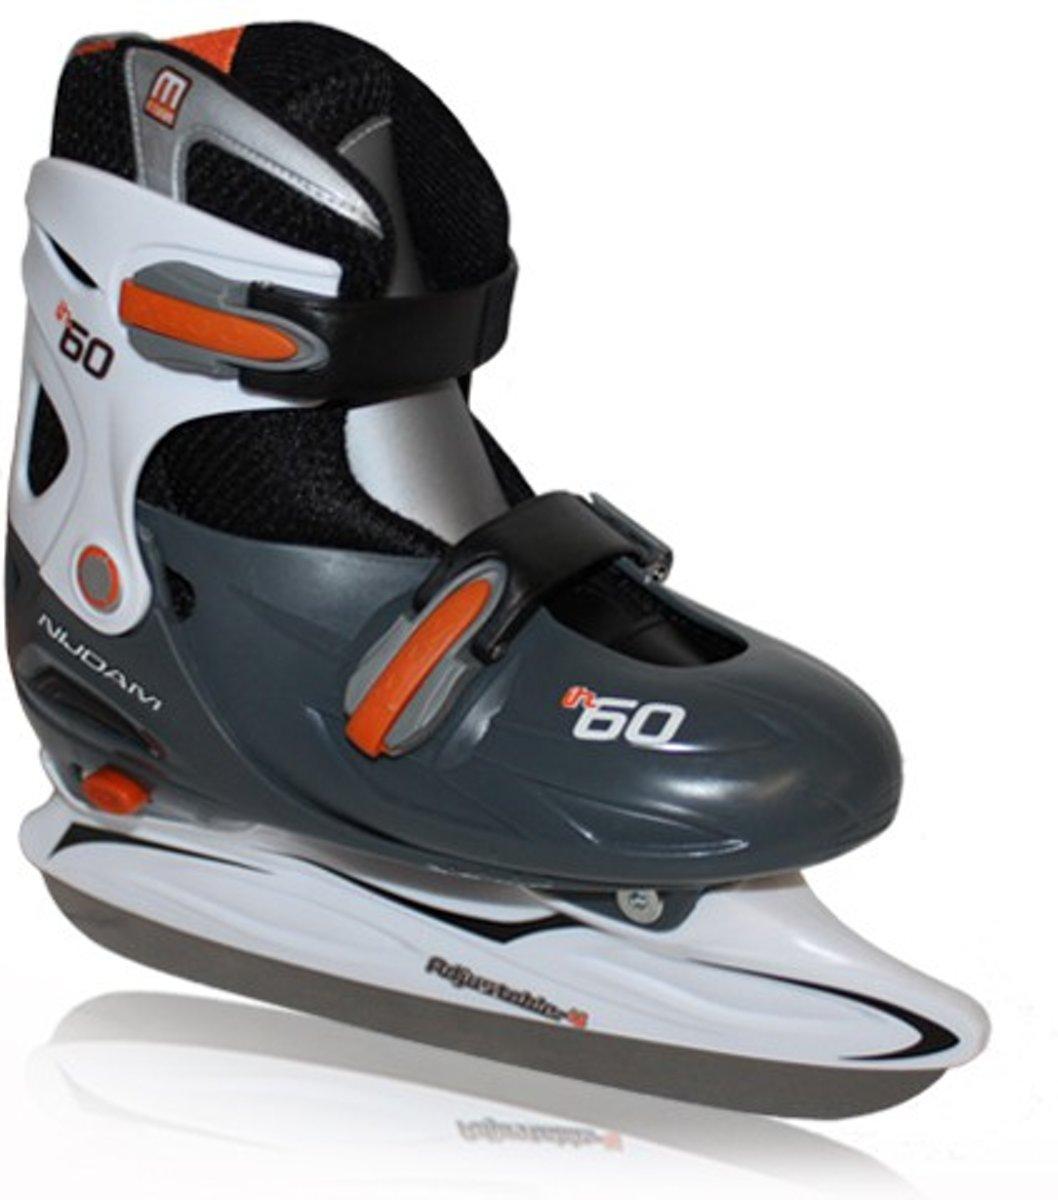 Nijdam IJshockeyschaats Junior - Verstelbaar - oranje/zwart - Maat 30-33 kopen